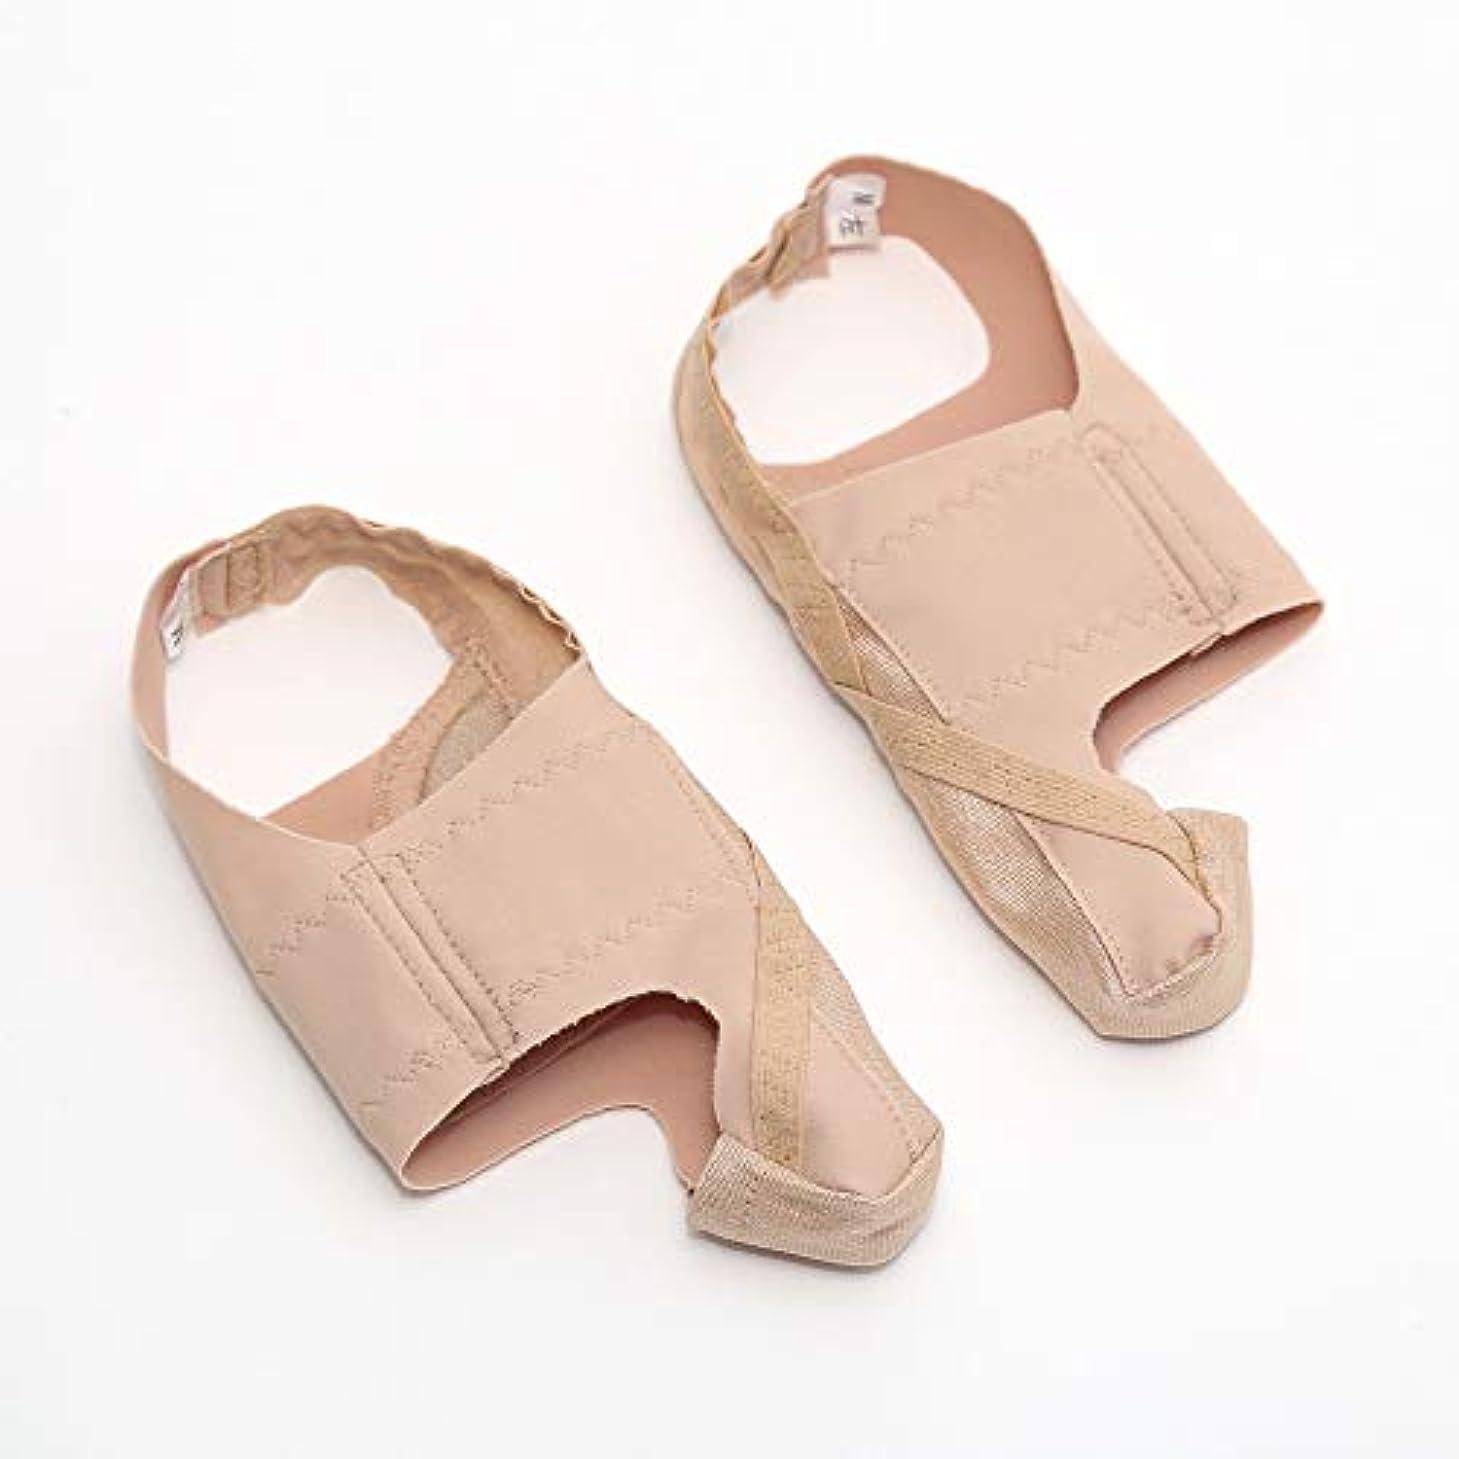 ディレクター同級生コンピューター靴も履けるんデス EX Mサイズ コエンザイムQ10 美容エッセンスマスク付セット